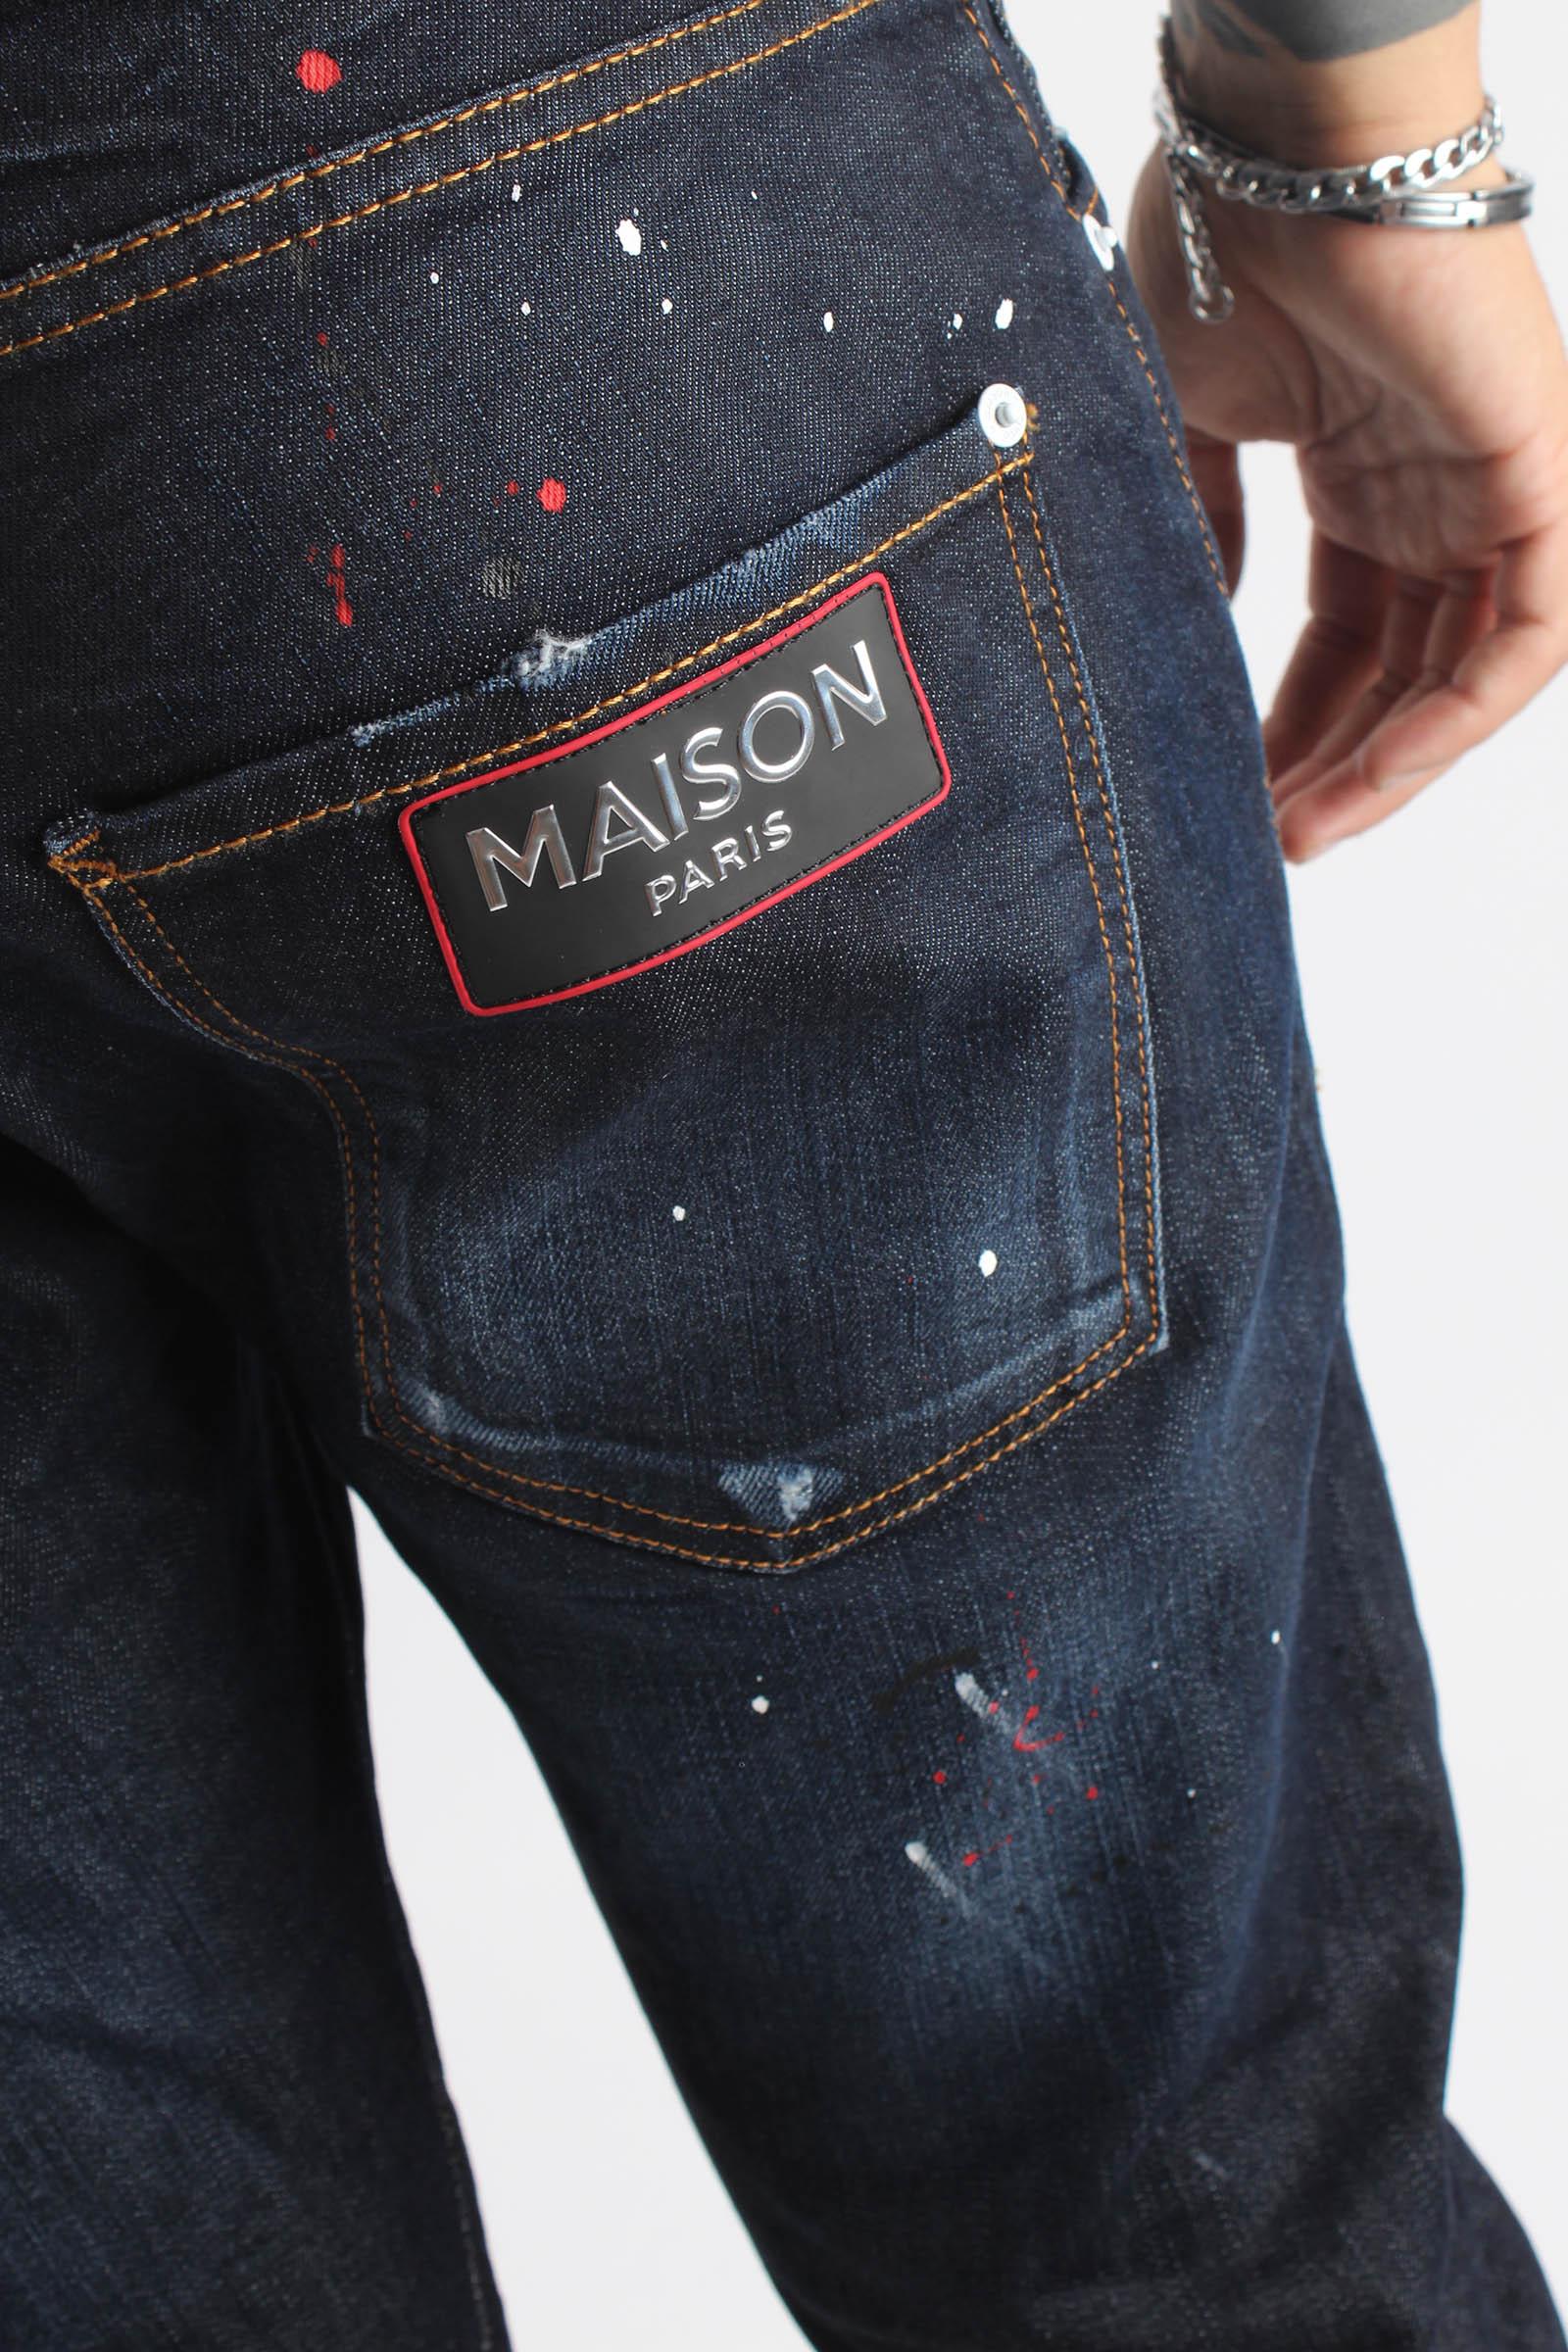 MAISON 9 PARIS   Jeans   M9J1151